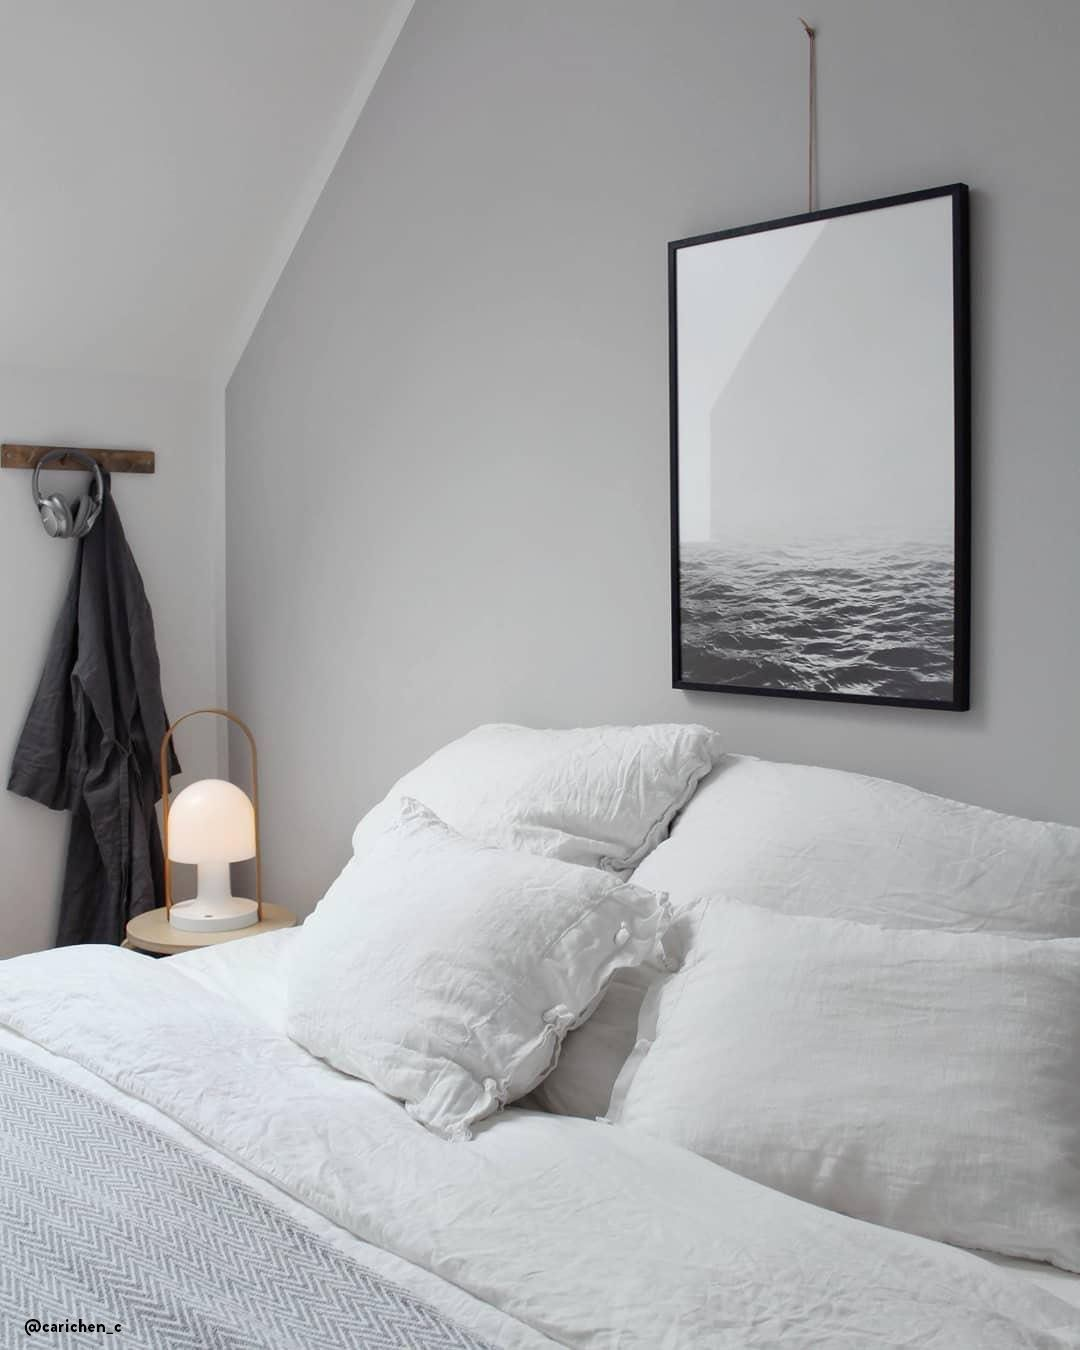 Schlafzimmer Design Blau Jersey - Attraktives Wohndesign